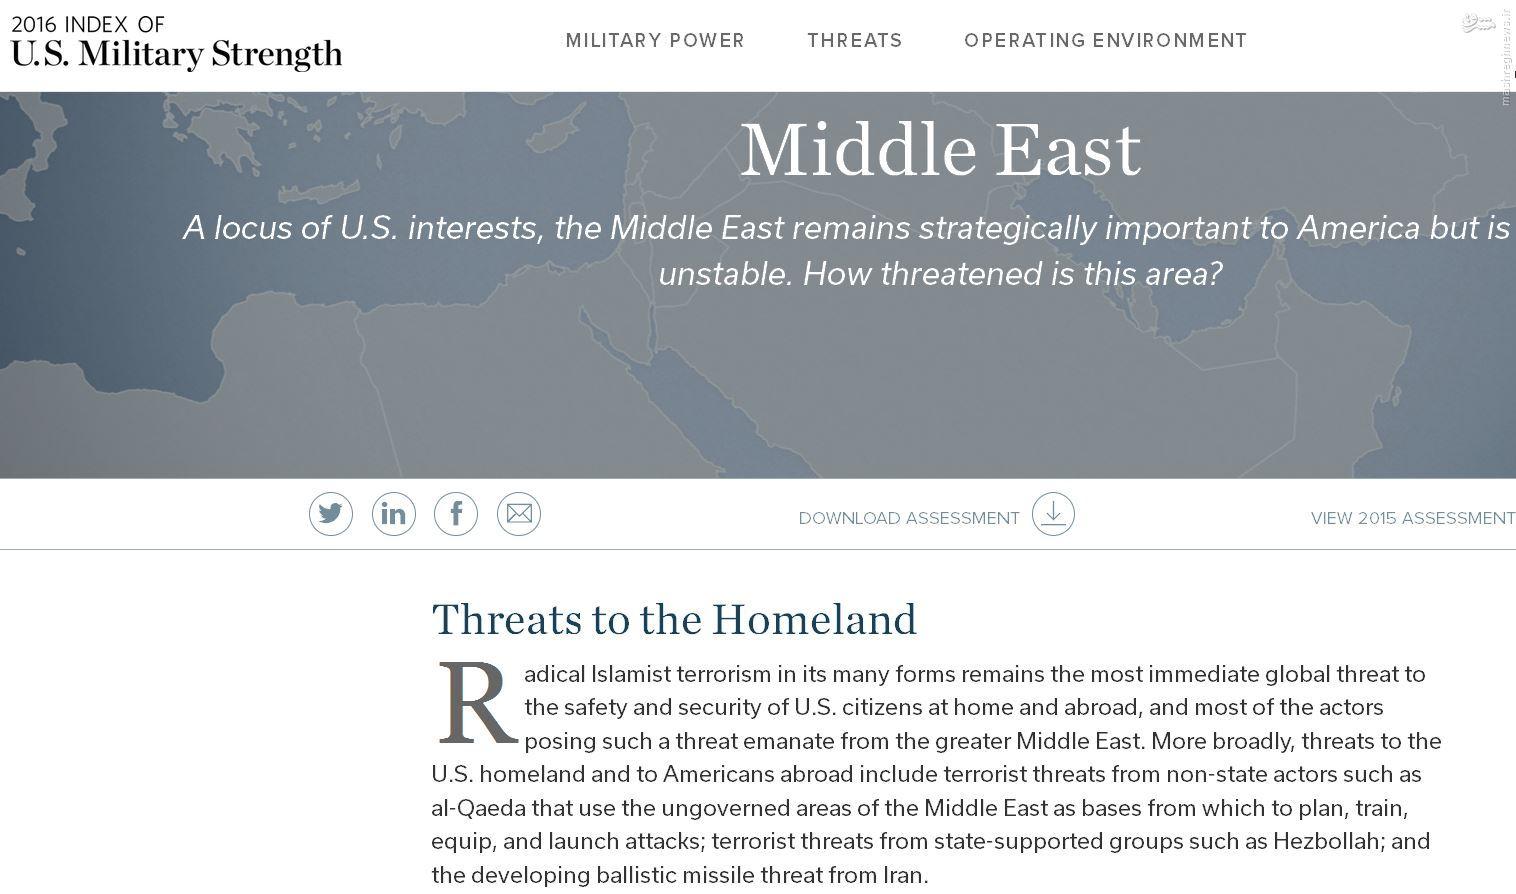 ایران پسا توافق خطر بزرگی برای آمریکا است / توافق هستهای راه تبدیل شدن ایران به قدرت منطقه را باز کرد // در حال ویرایش